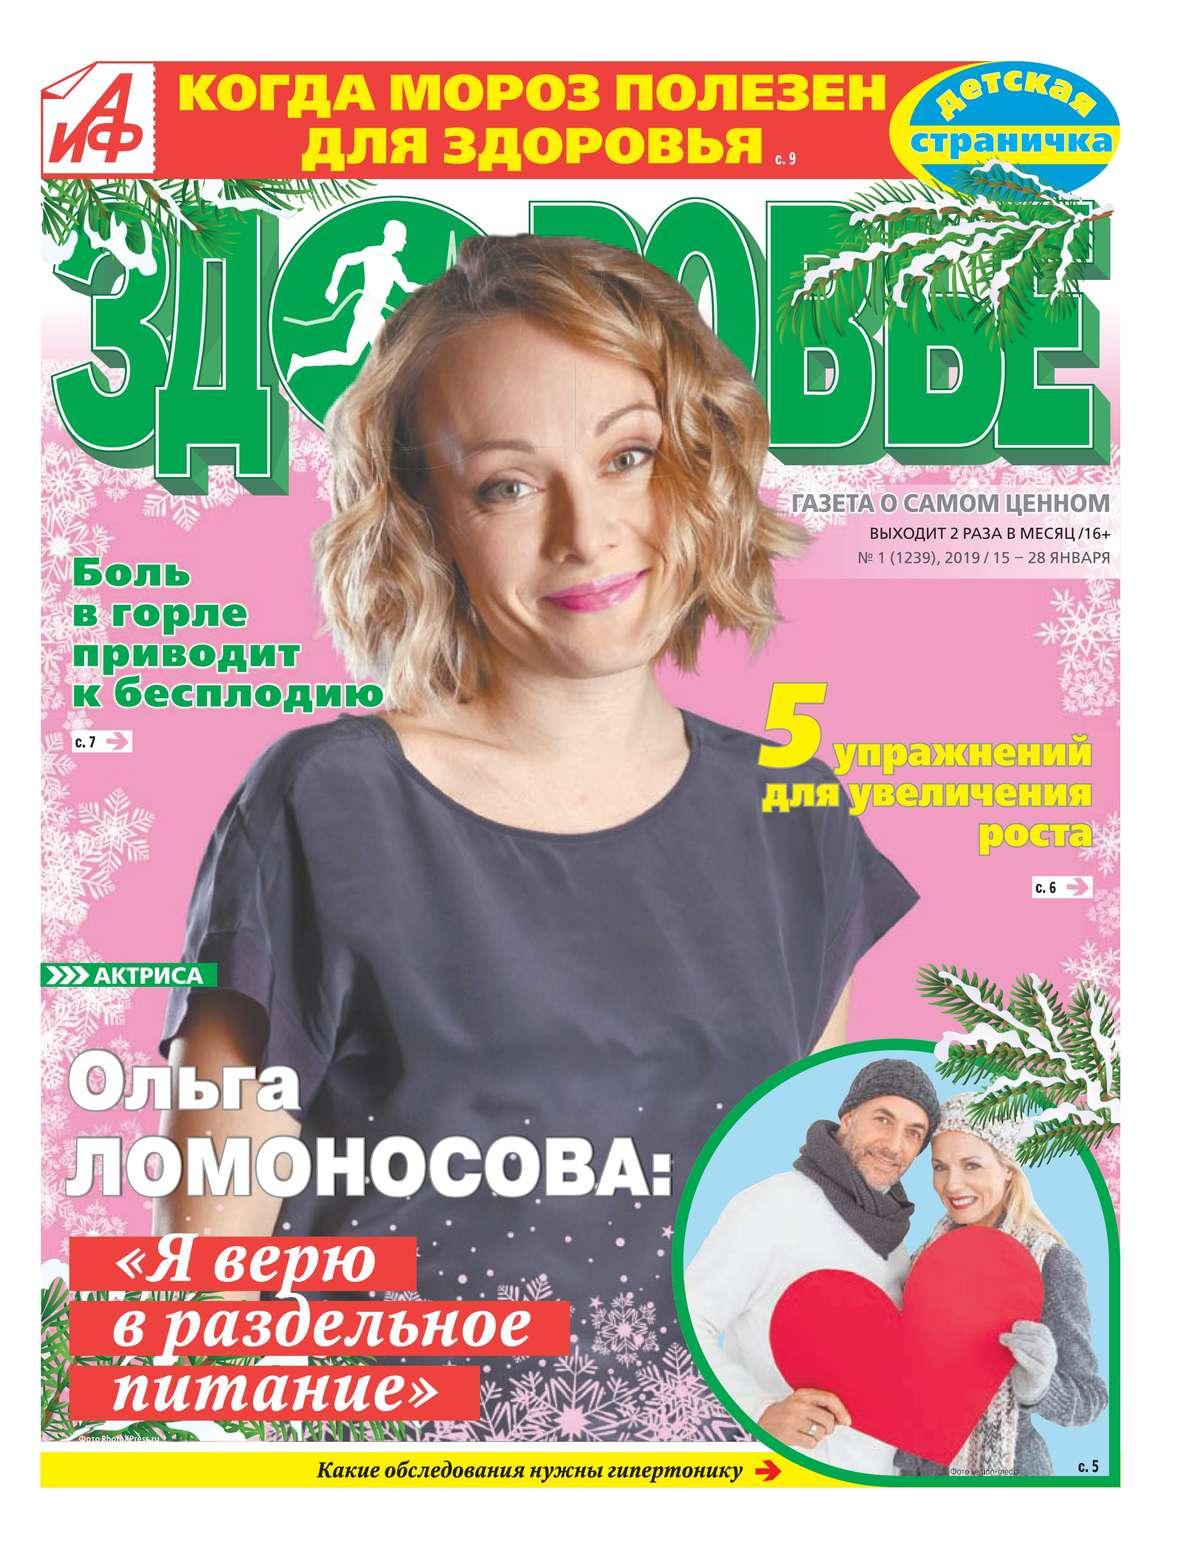 Редакция газеты Аиф. Здоровье Аиф. Здоровье 01-2019